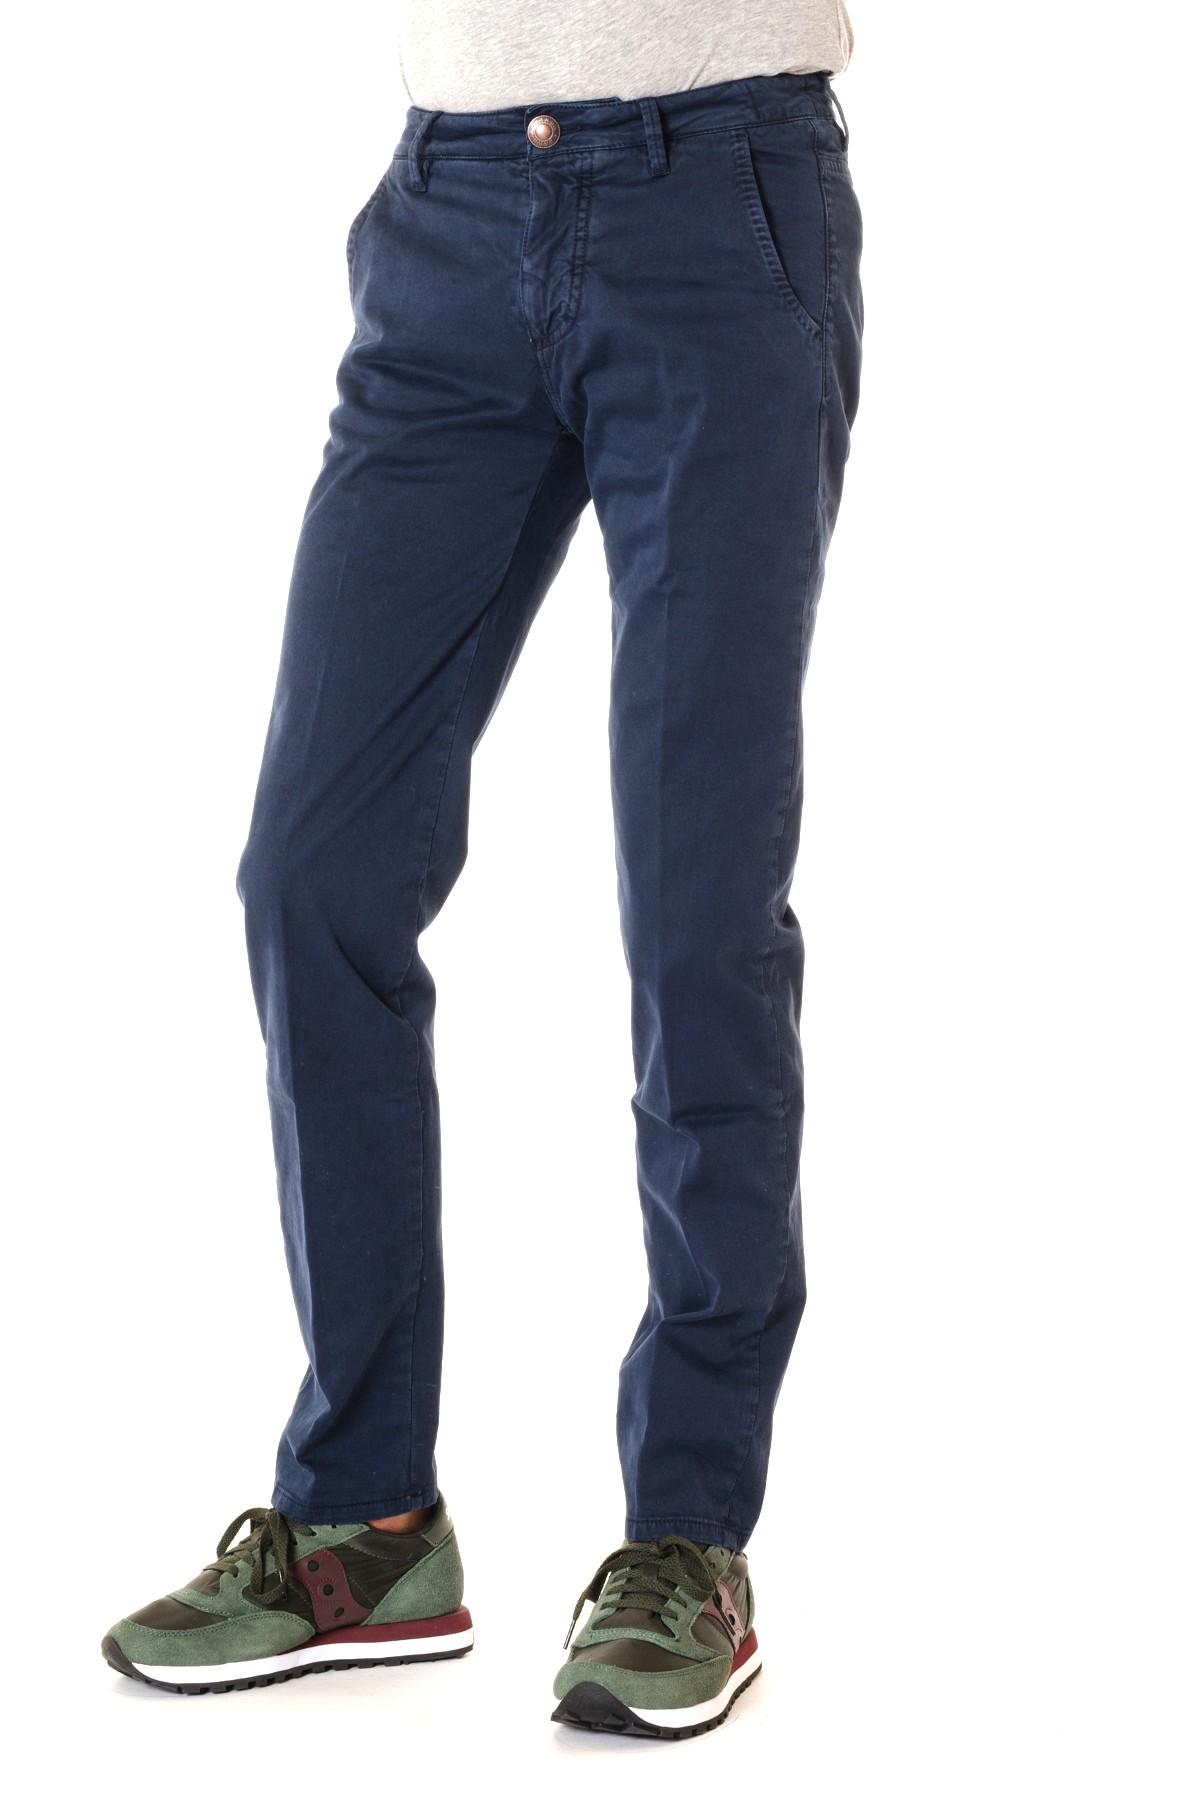 Pantalone Uomo Per Fontana Colore Cotone In Barba Rione Ai Blu qnrWFTqgvx